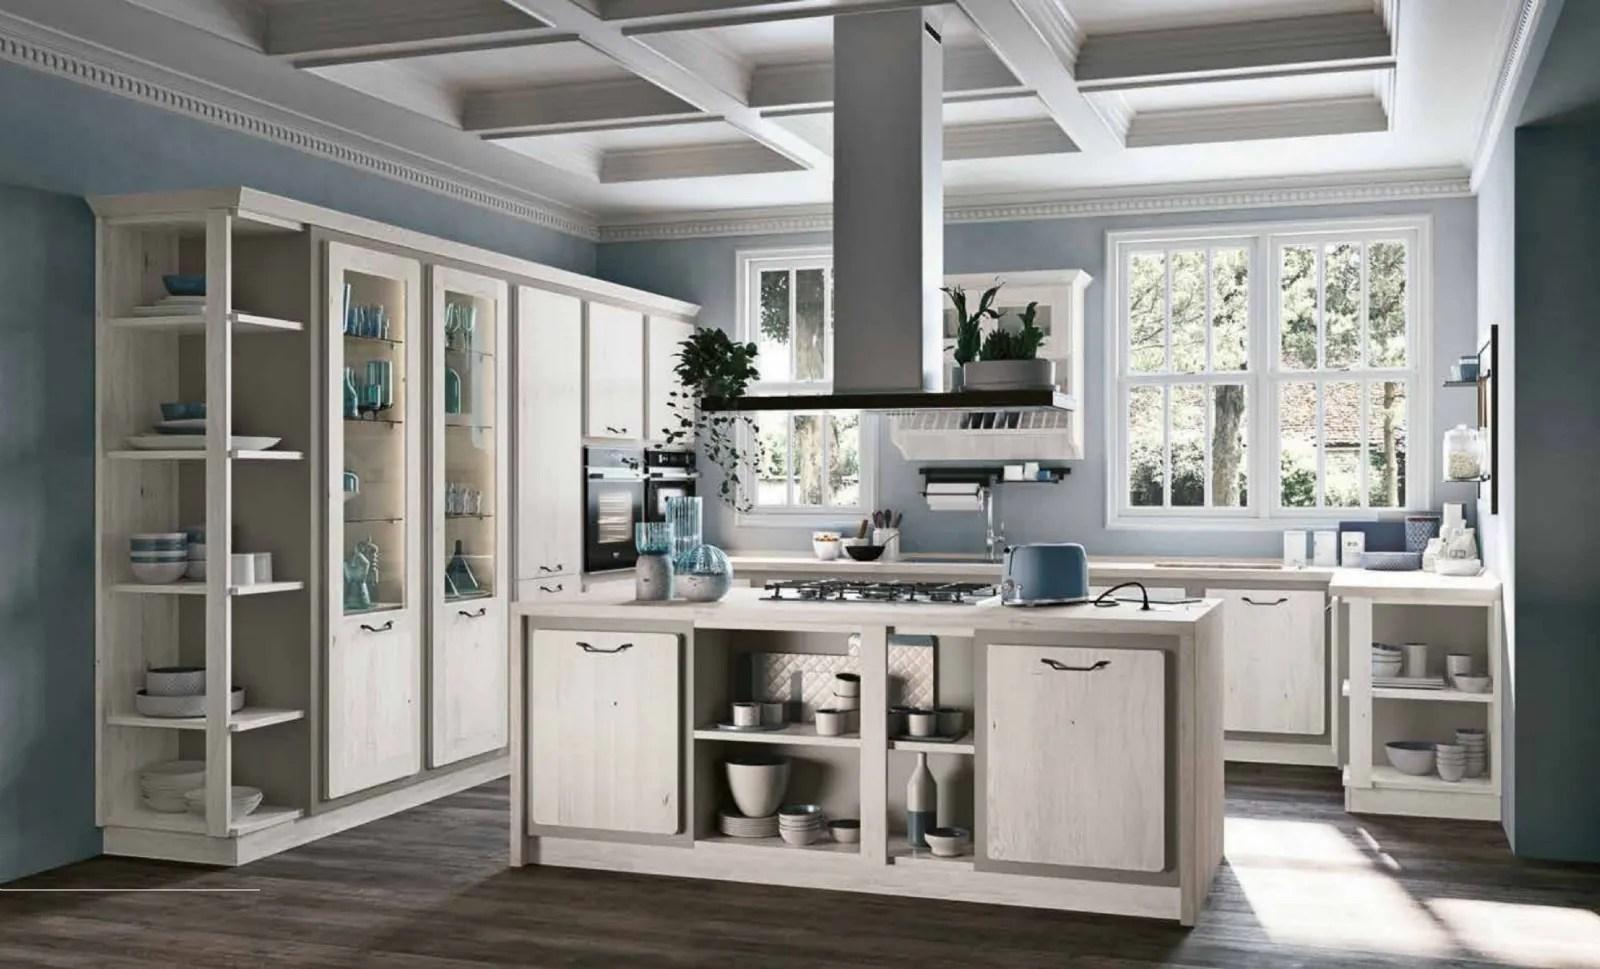 Sfoglia il catalogo e scegli ciò che fa per te! Cucina In Muratura Rebecca 01 Lube